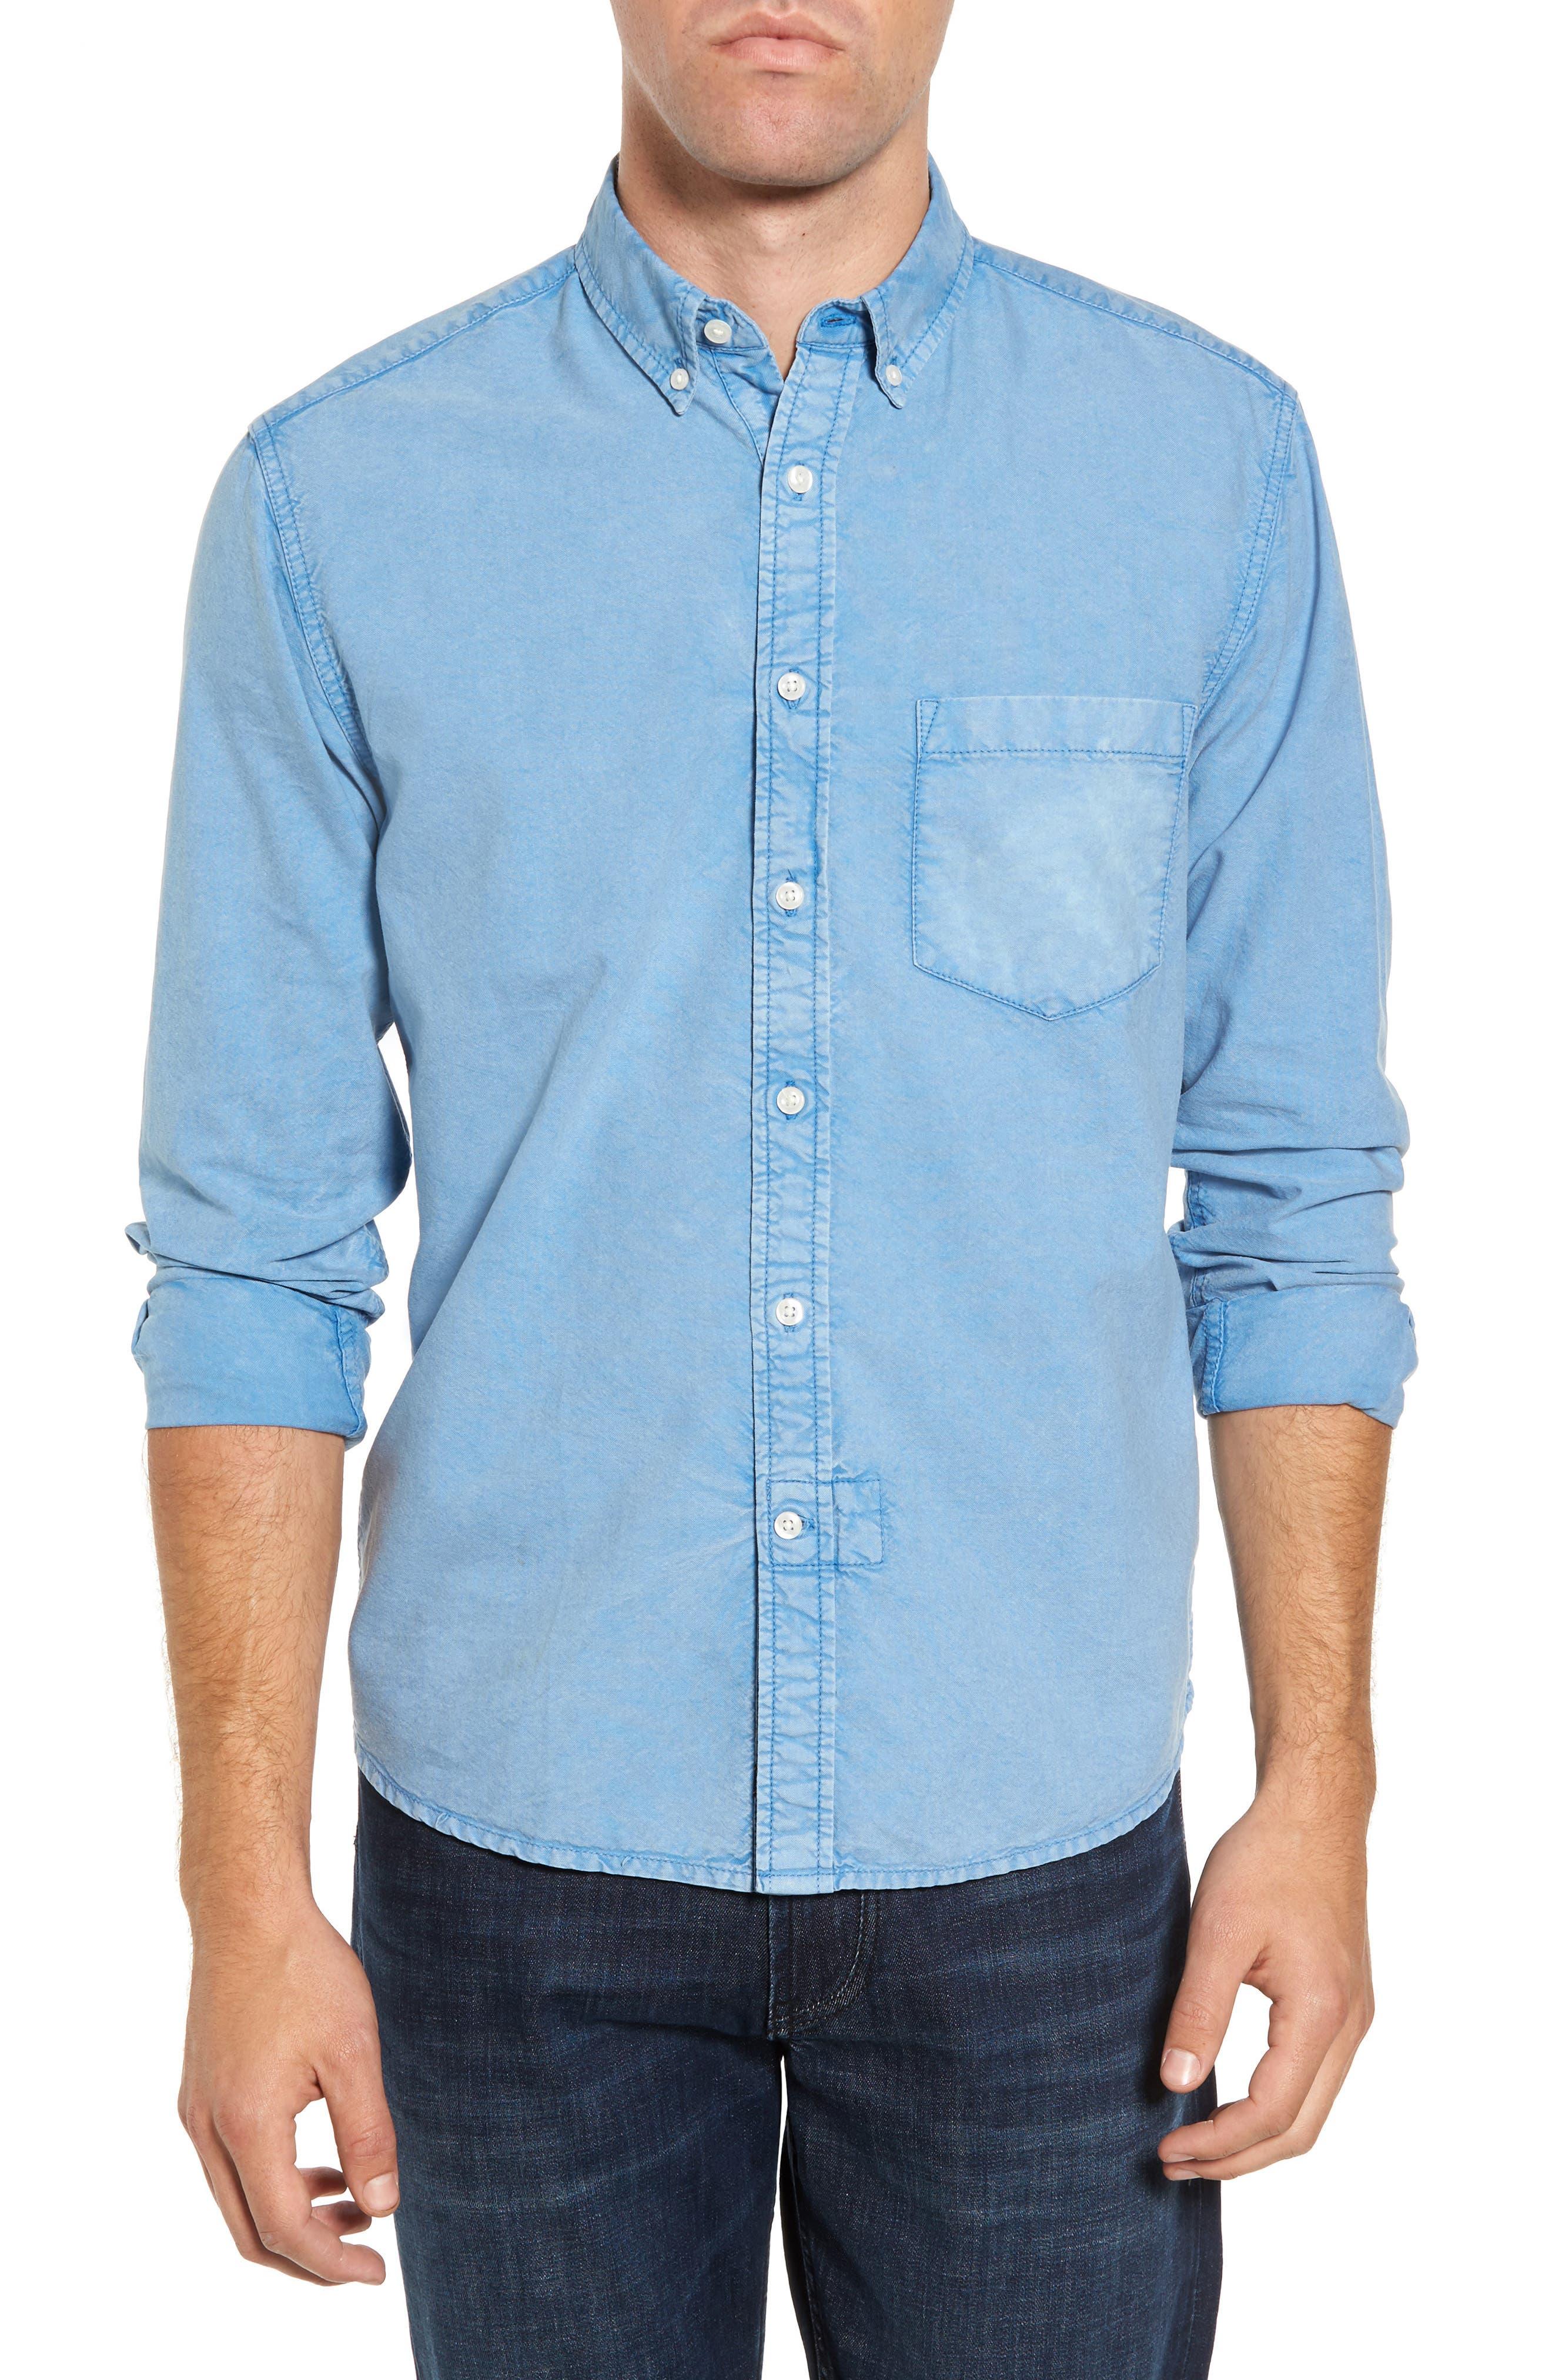 Alternate Image 1 Selected - Vintage 1946 Regular Fit Oxford Sport Shirt